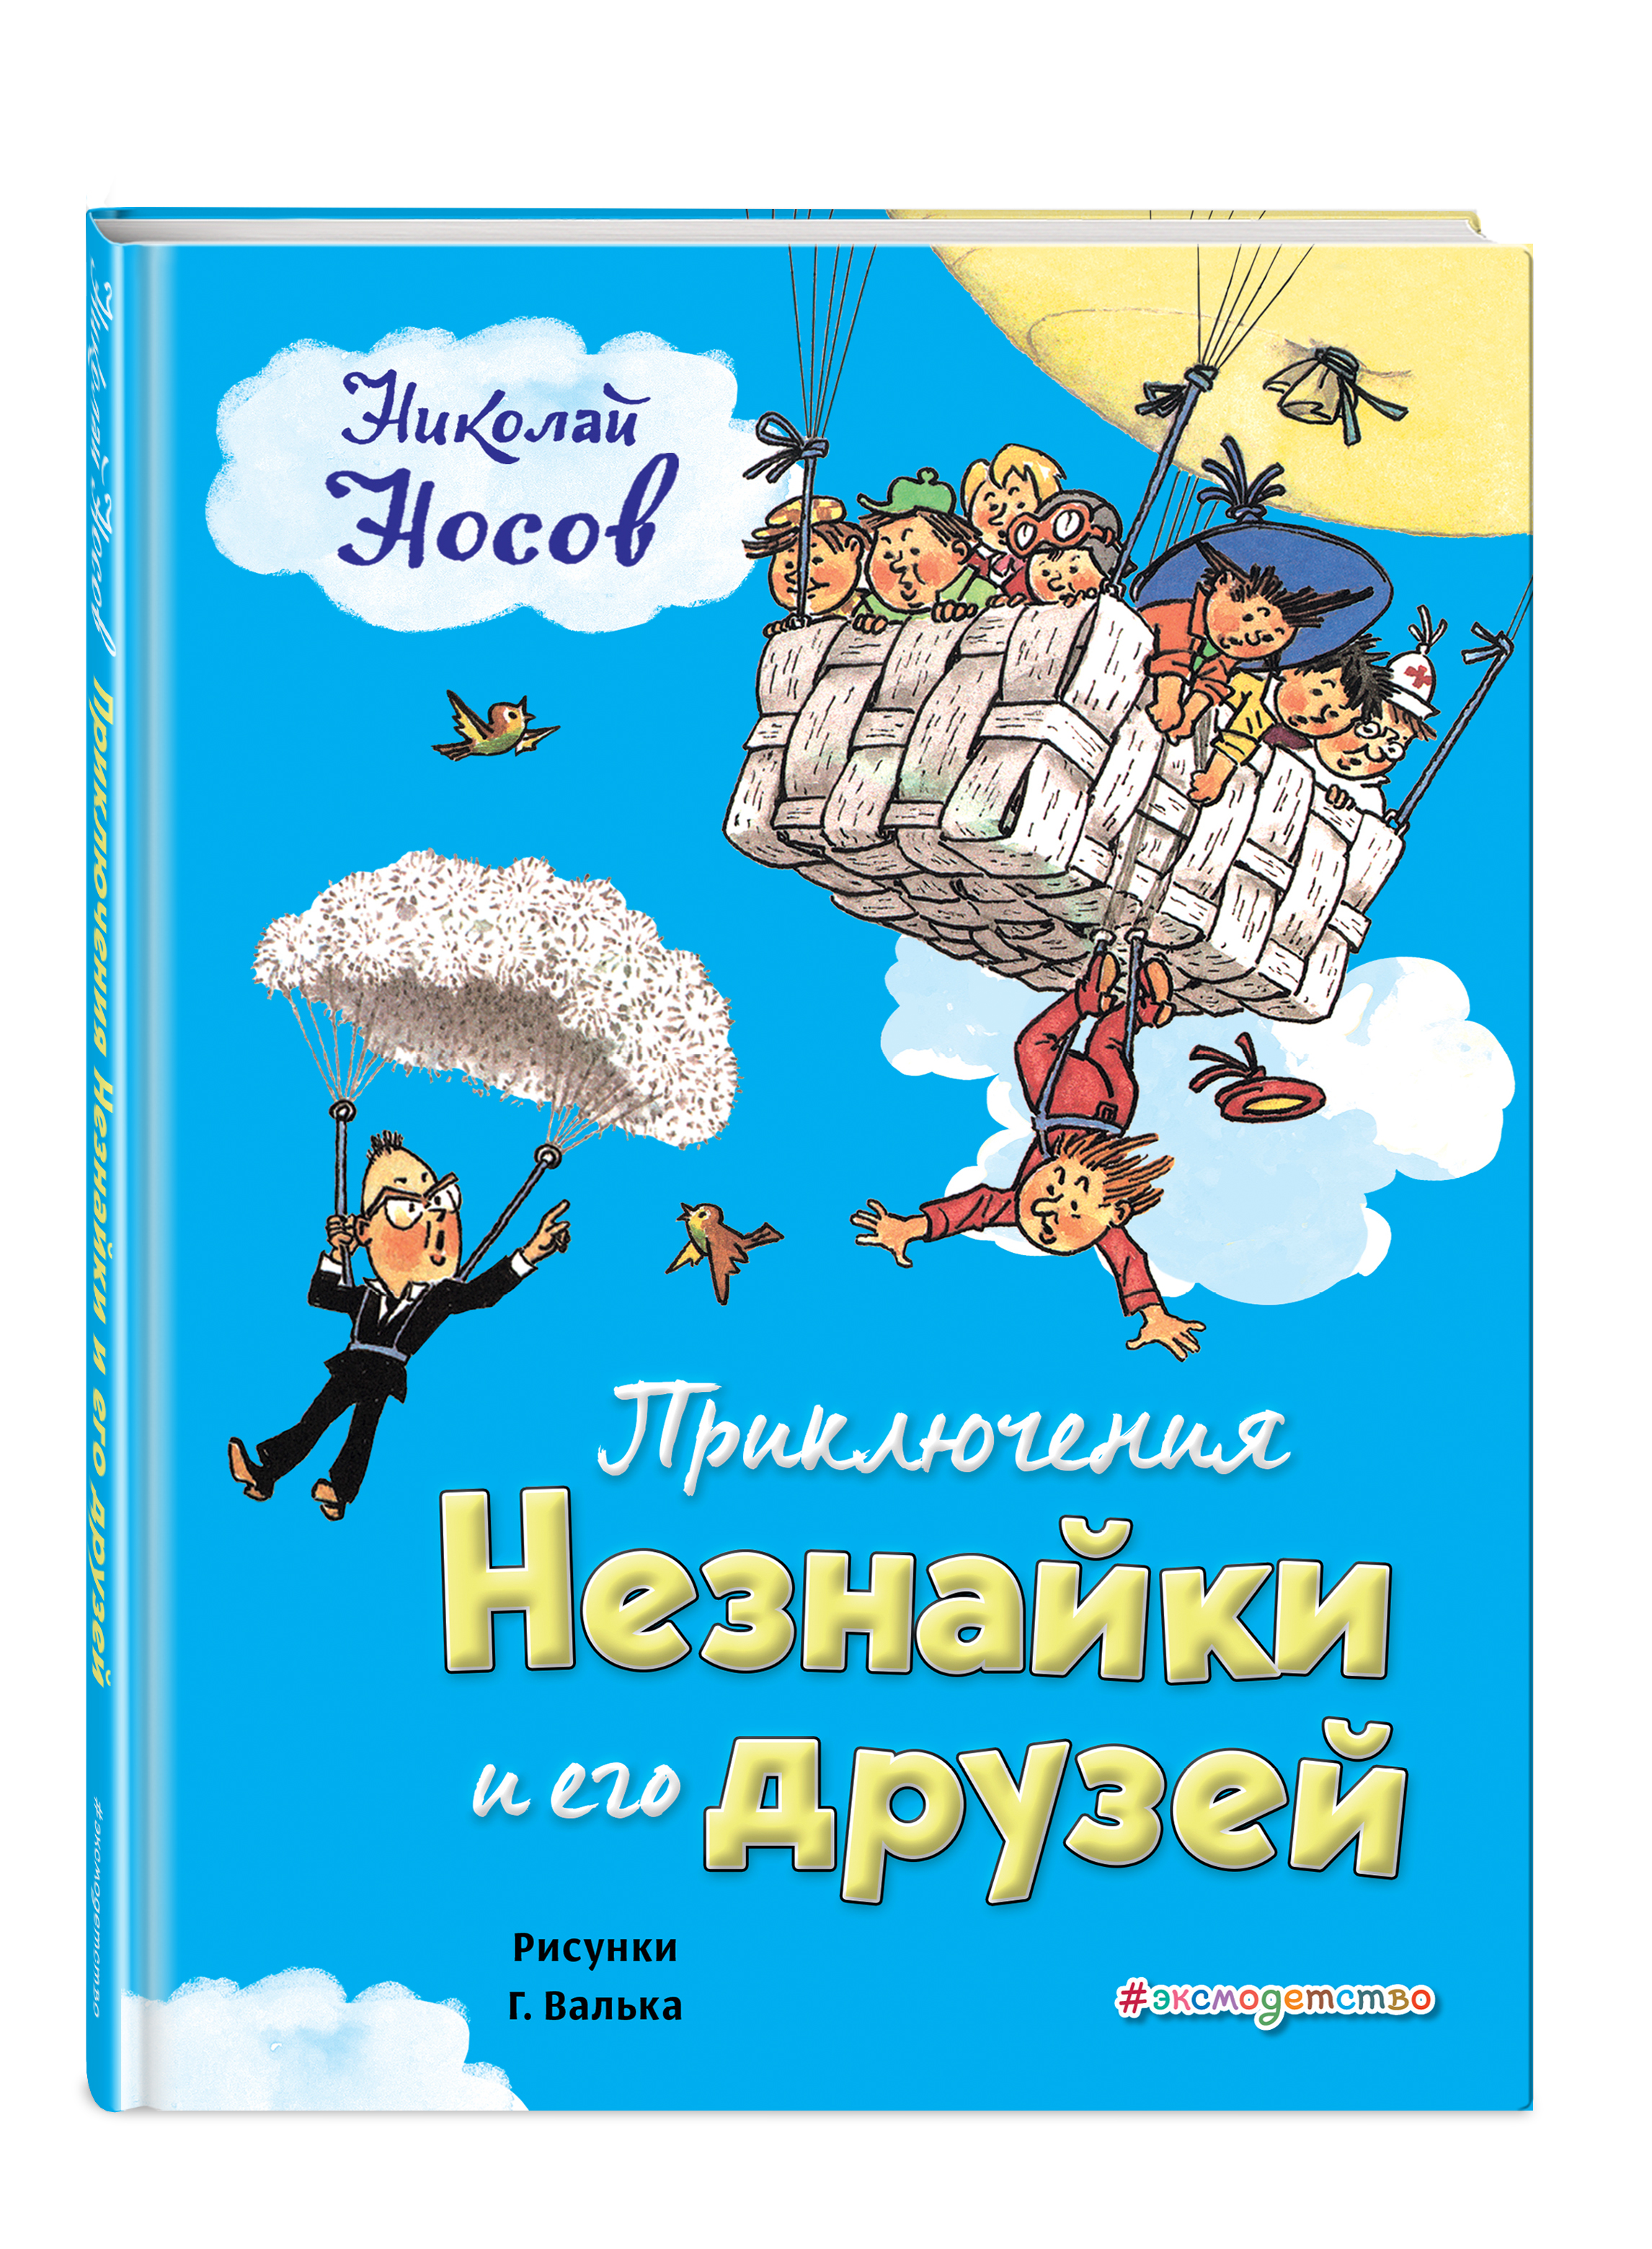 Николай Носов Приключения Незнайки и его друзей (ил. Г. Валька)